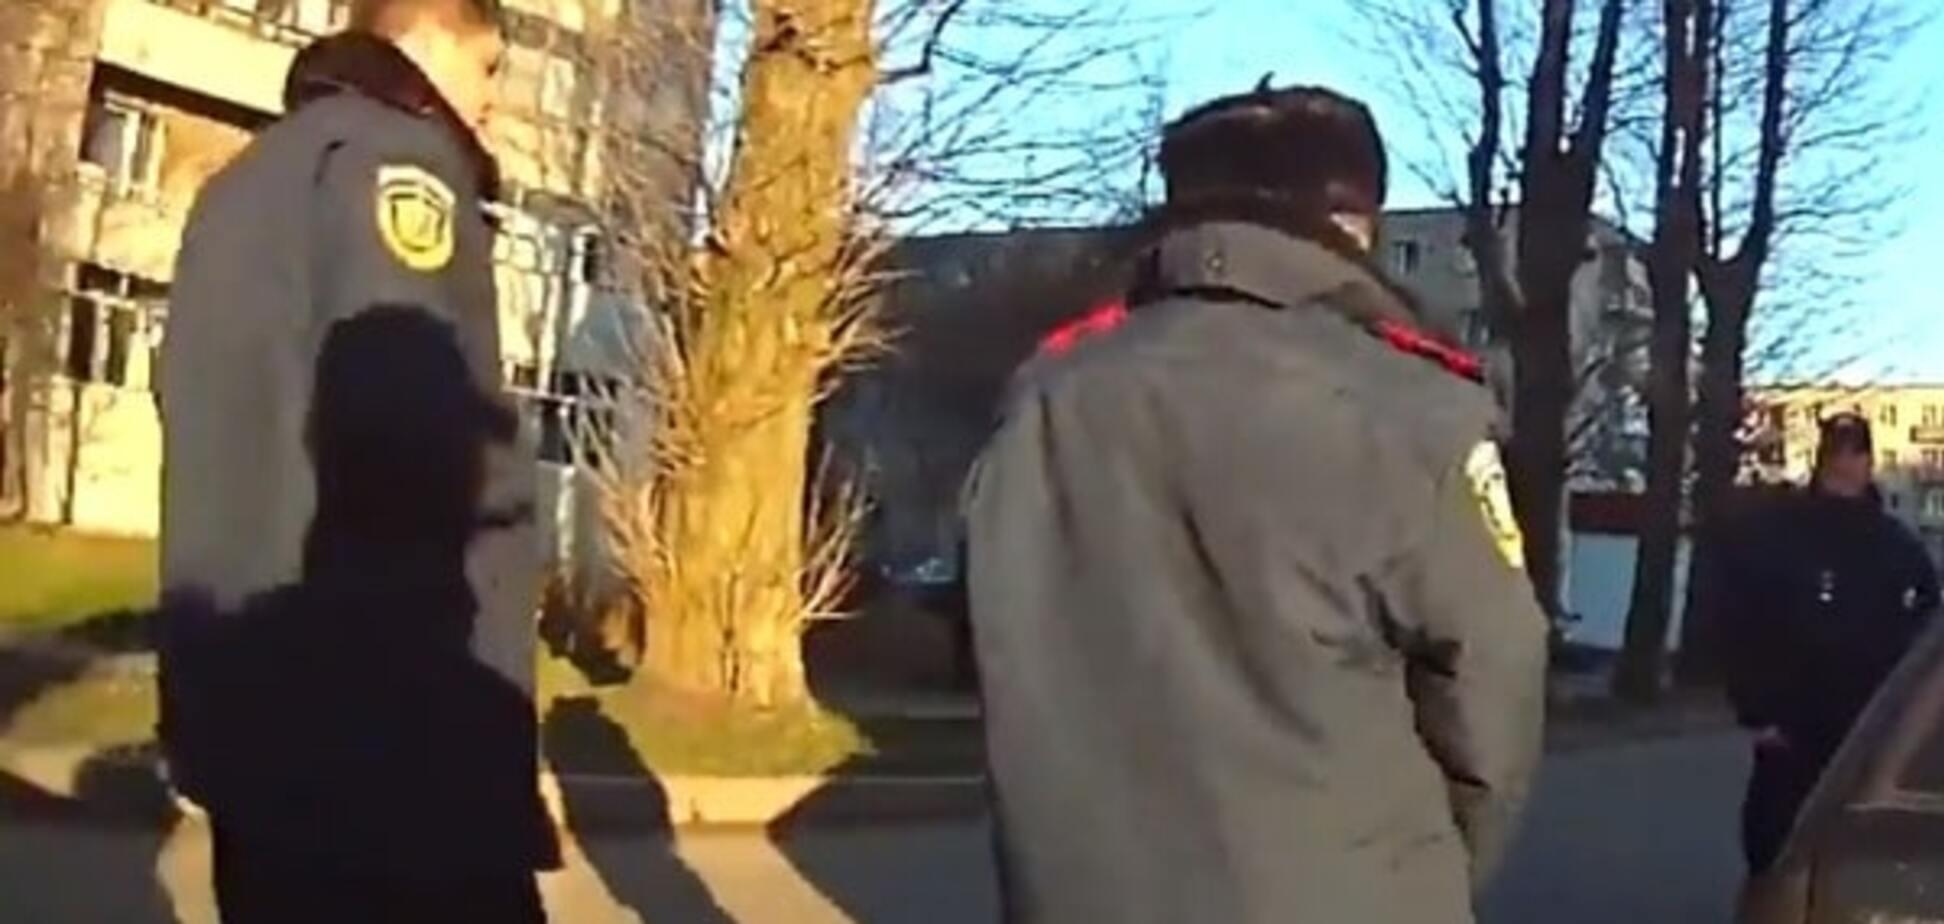 Львівським поліцейським загрожує до 8 років в'язниці за затримання водія-порушника